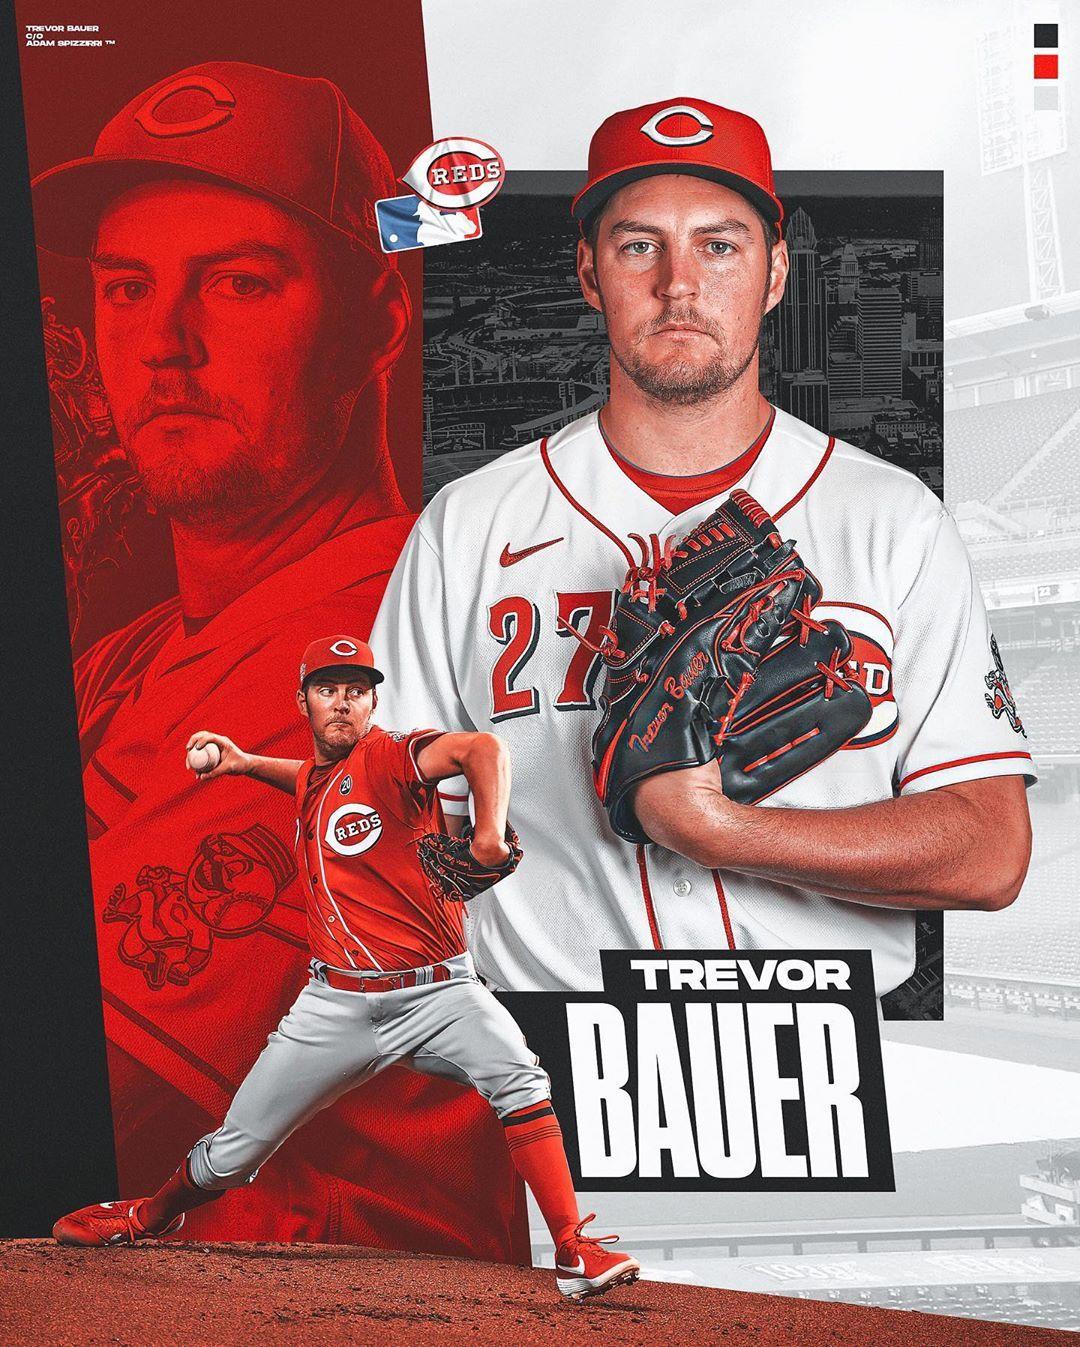 Adam Spizzirri 18 On Instagram 141 Trevor Bauer Bauer Power Bauer Outage Pitcher For The Cincinnati Reds Bauerou Trevor Bauer Trevor Cincinnati Reds